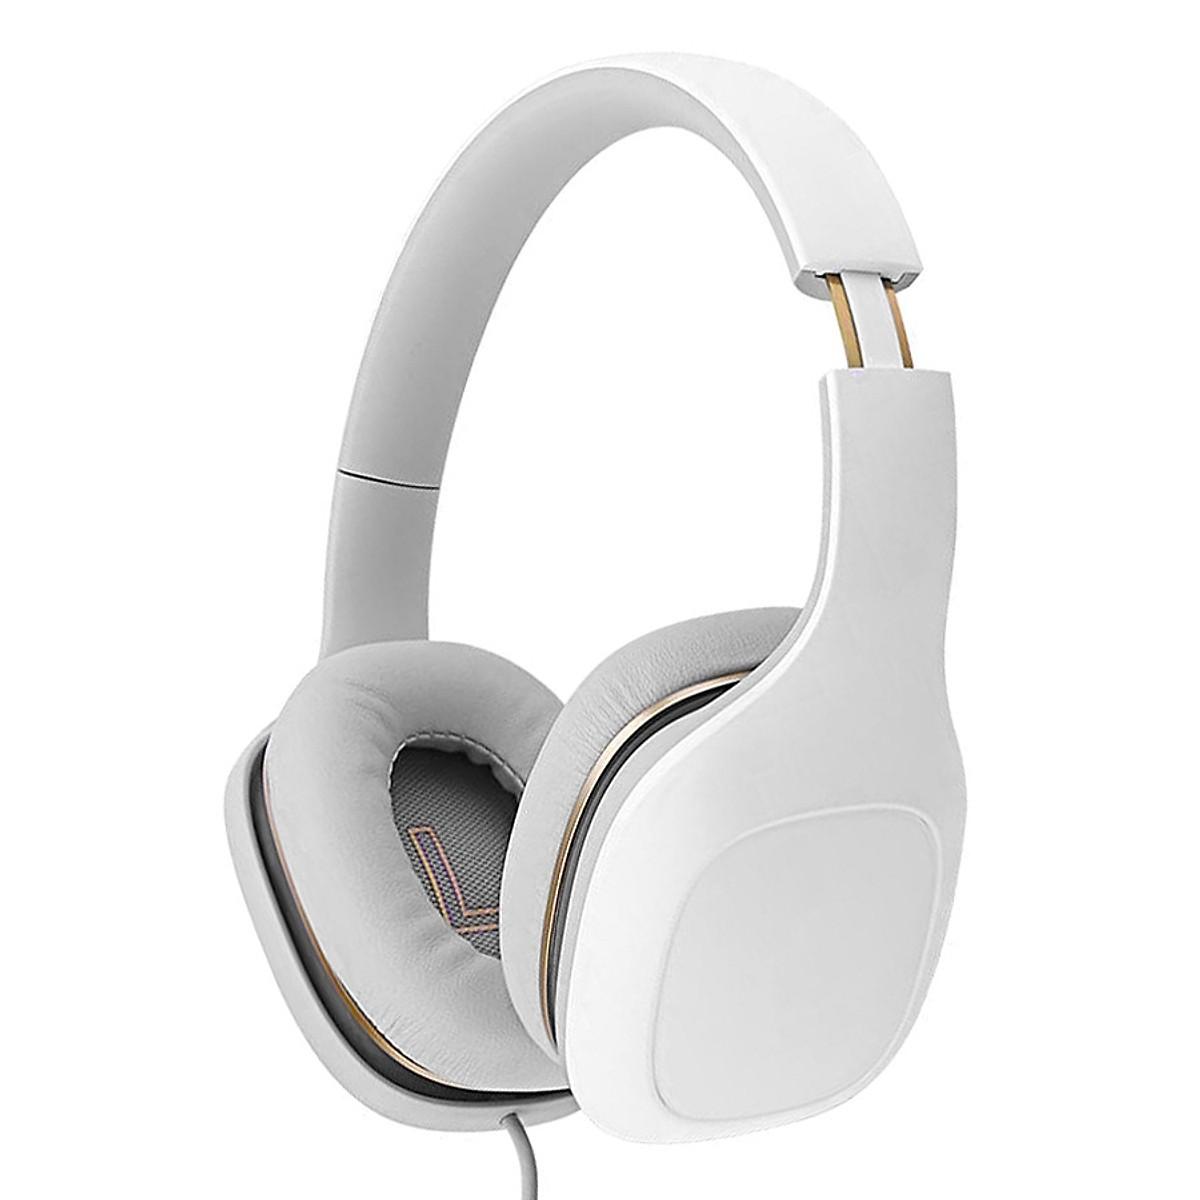 tai nghe chup tai xiaomi mi headphones comfort